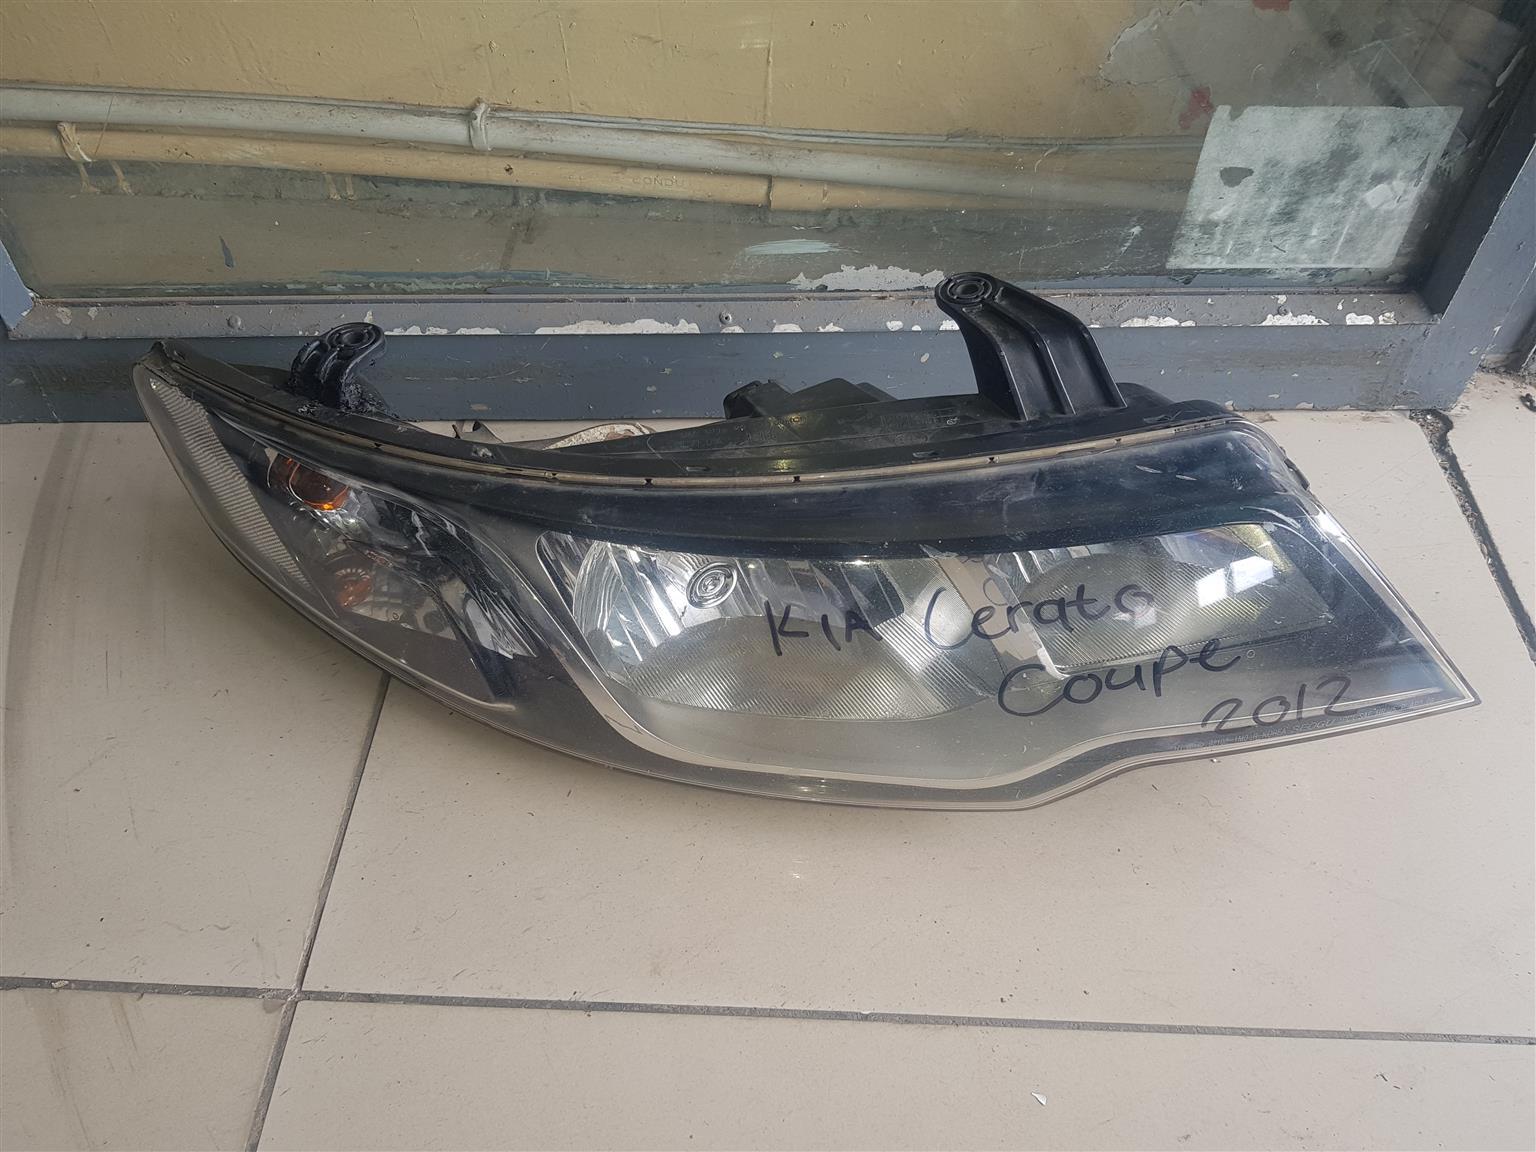 Kia Cerato Coupe Headlight Right